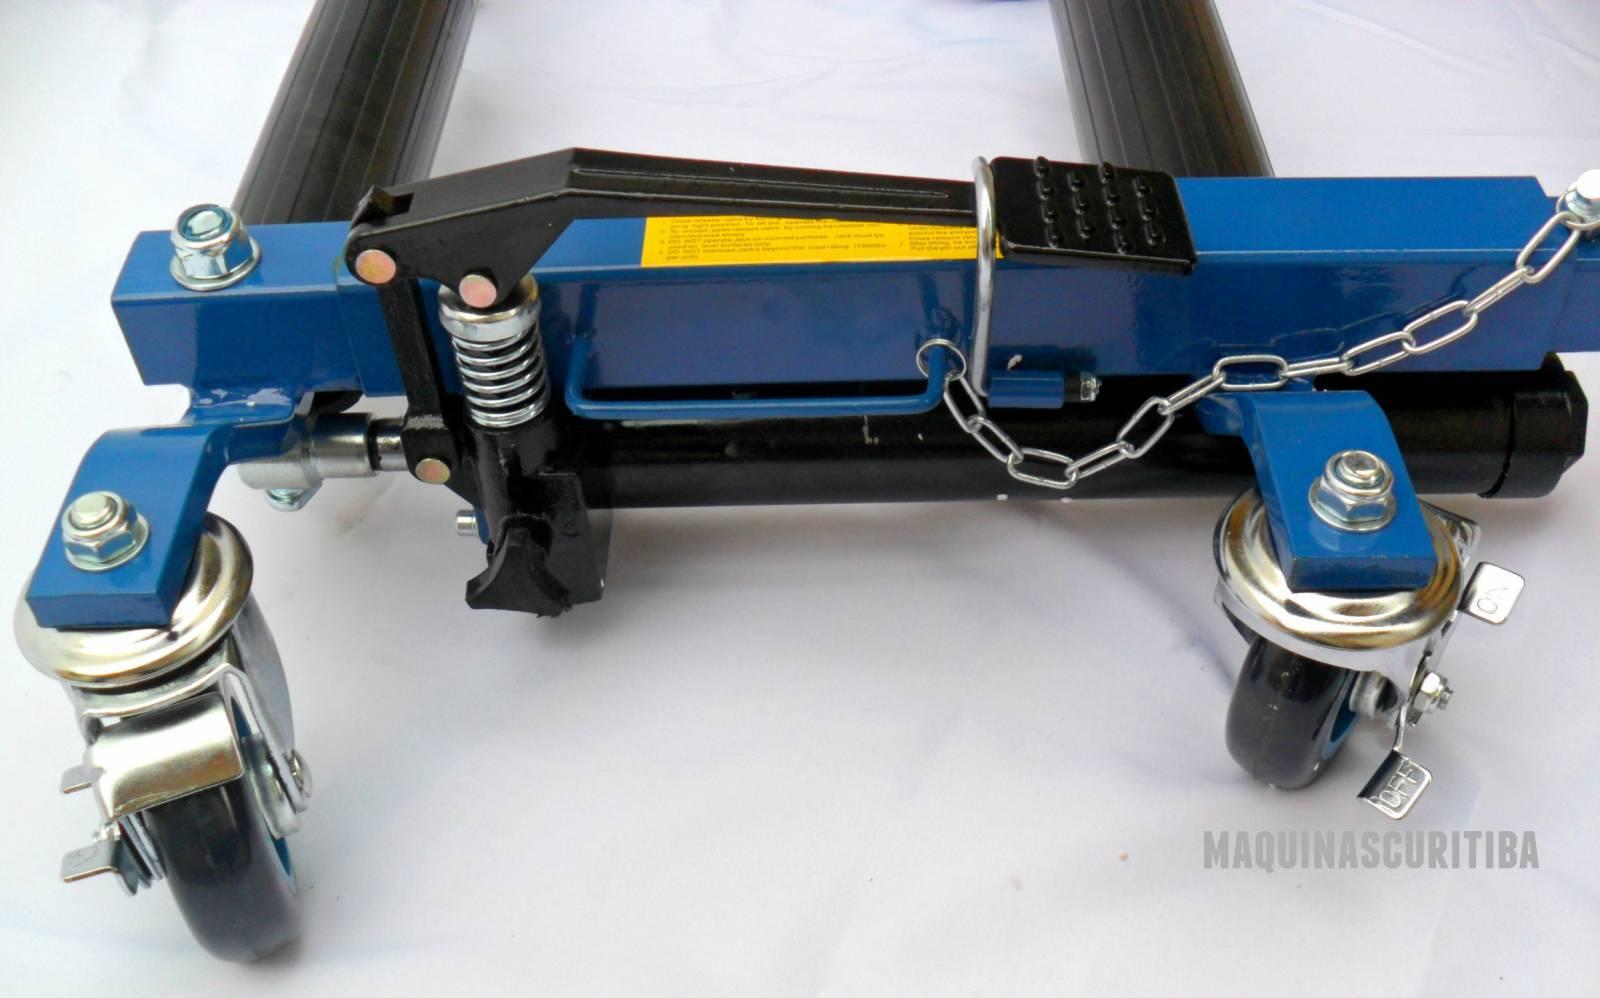 Patins Hidráulicos para movimentar remover rebocar veículos